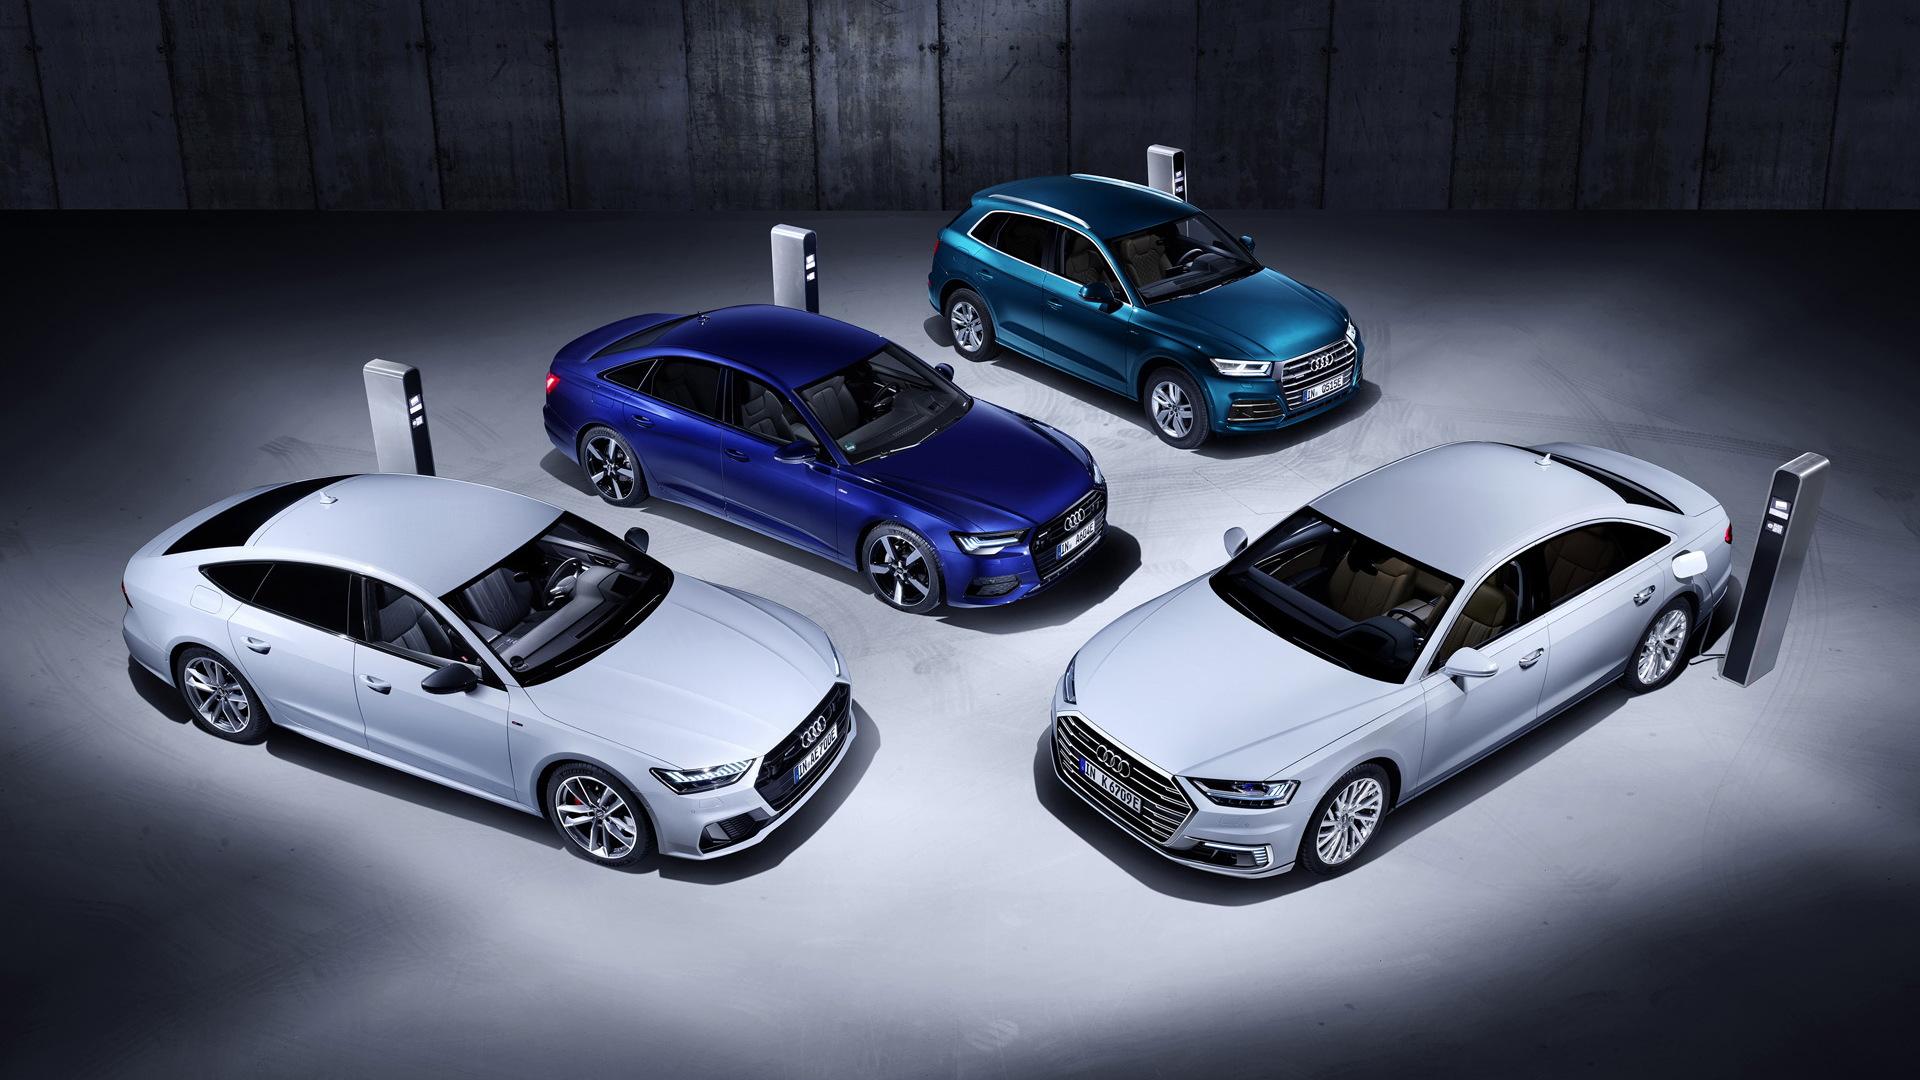 Audi A8, A7, A6 and Q5 plug-in hybrids